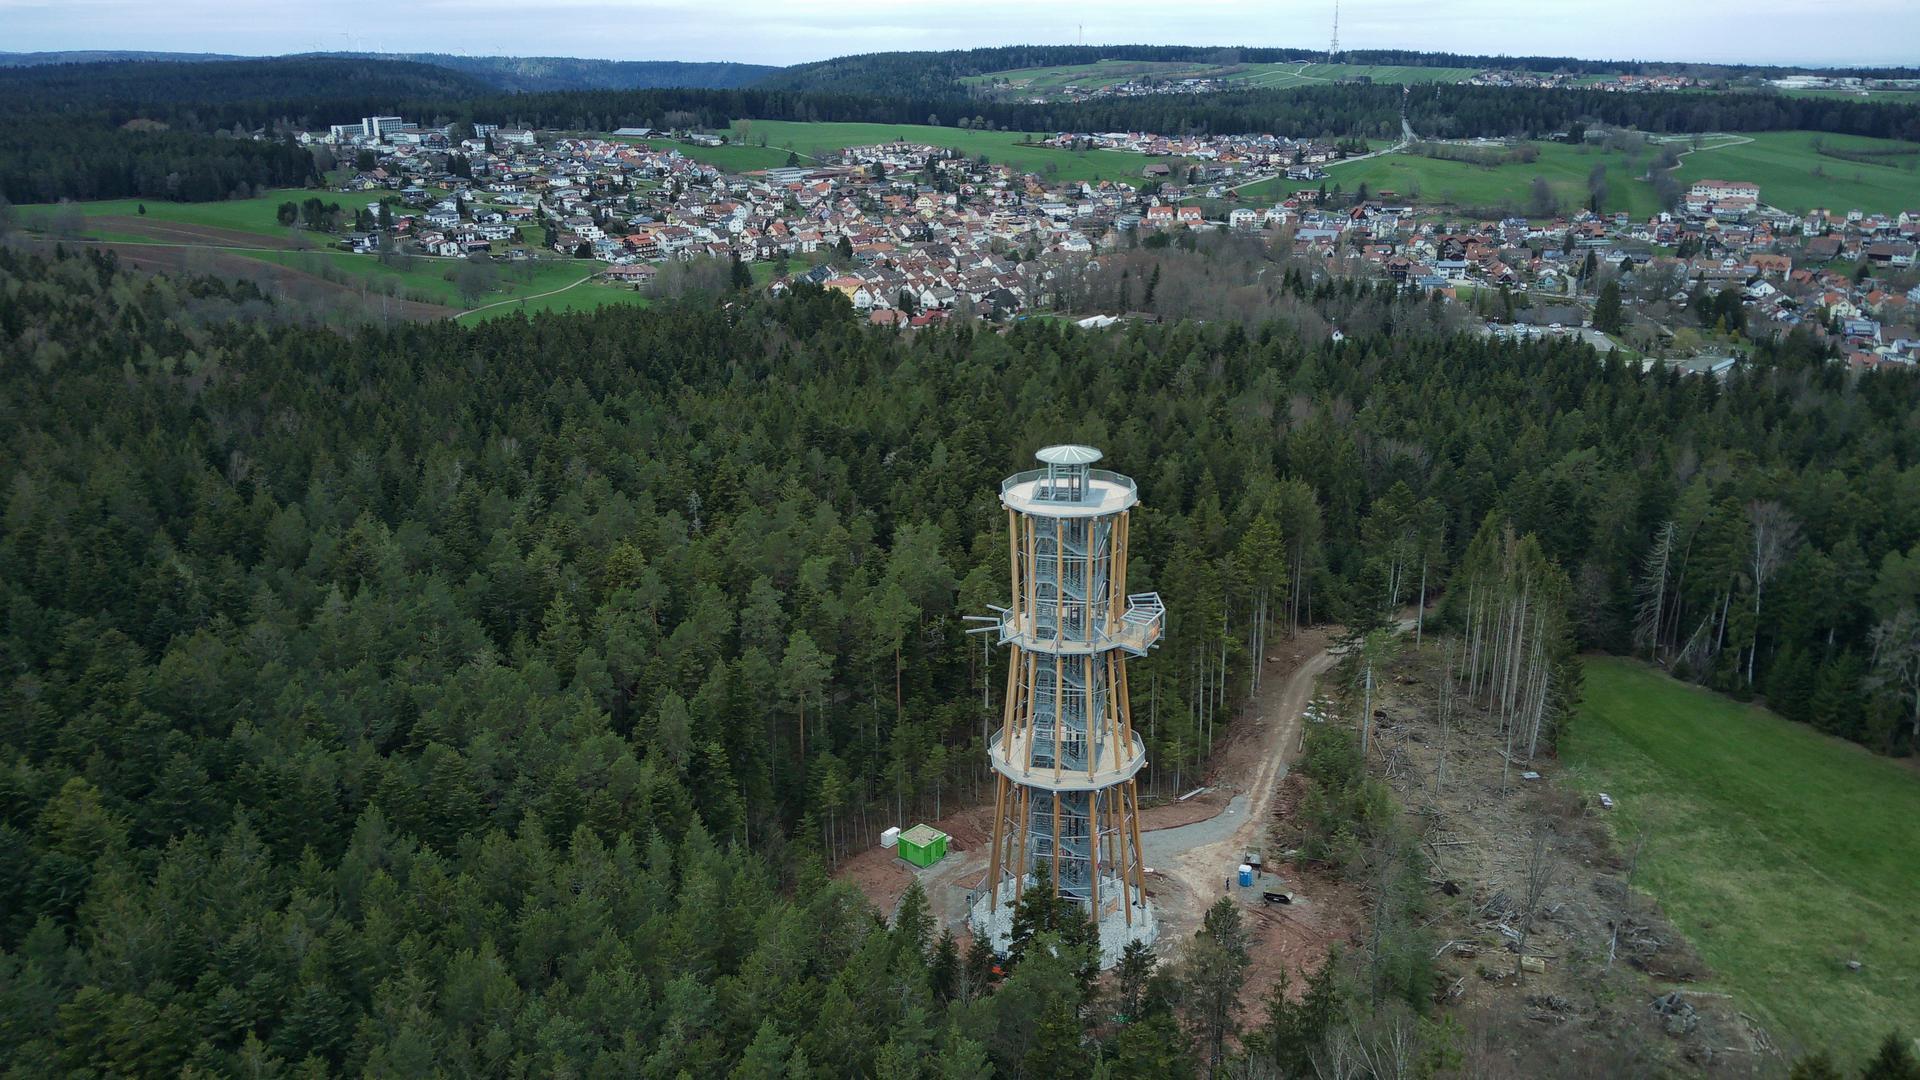 Aussichtsturm Schömberg